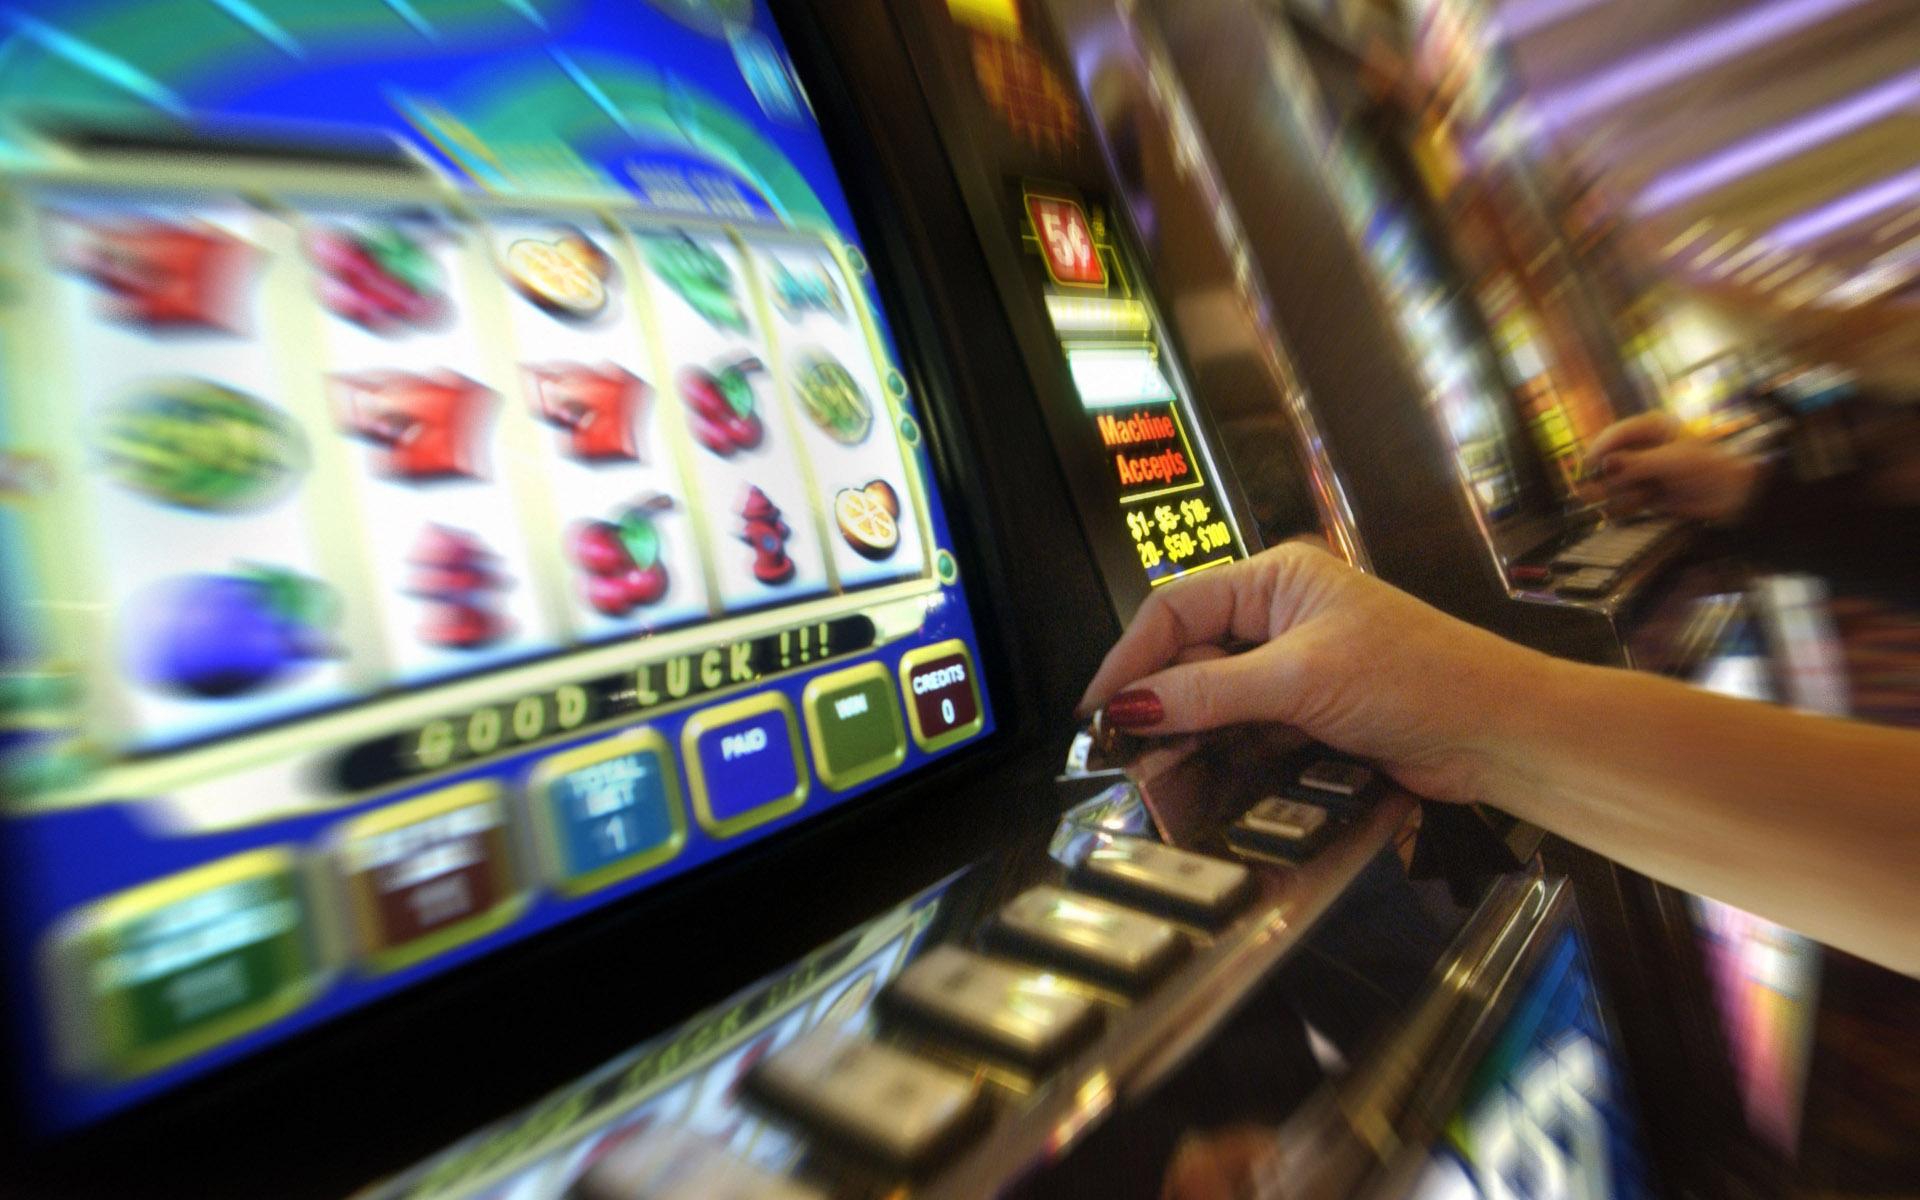 ordinanza orari di esercizio sale giochi e funzionamento apparecchi con vincita in denaro